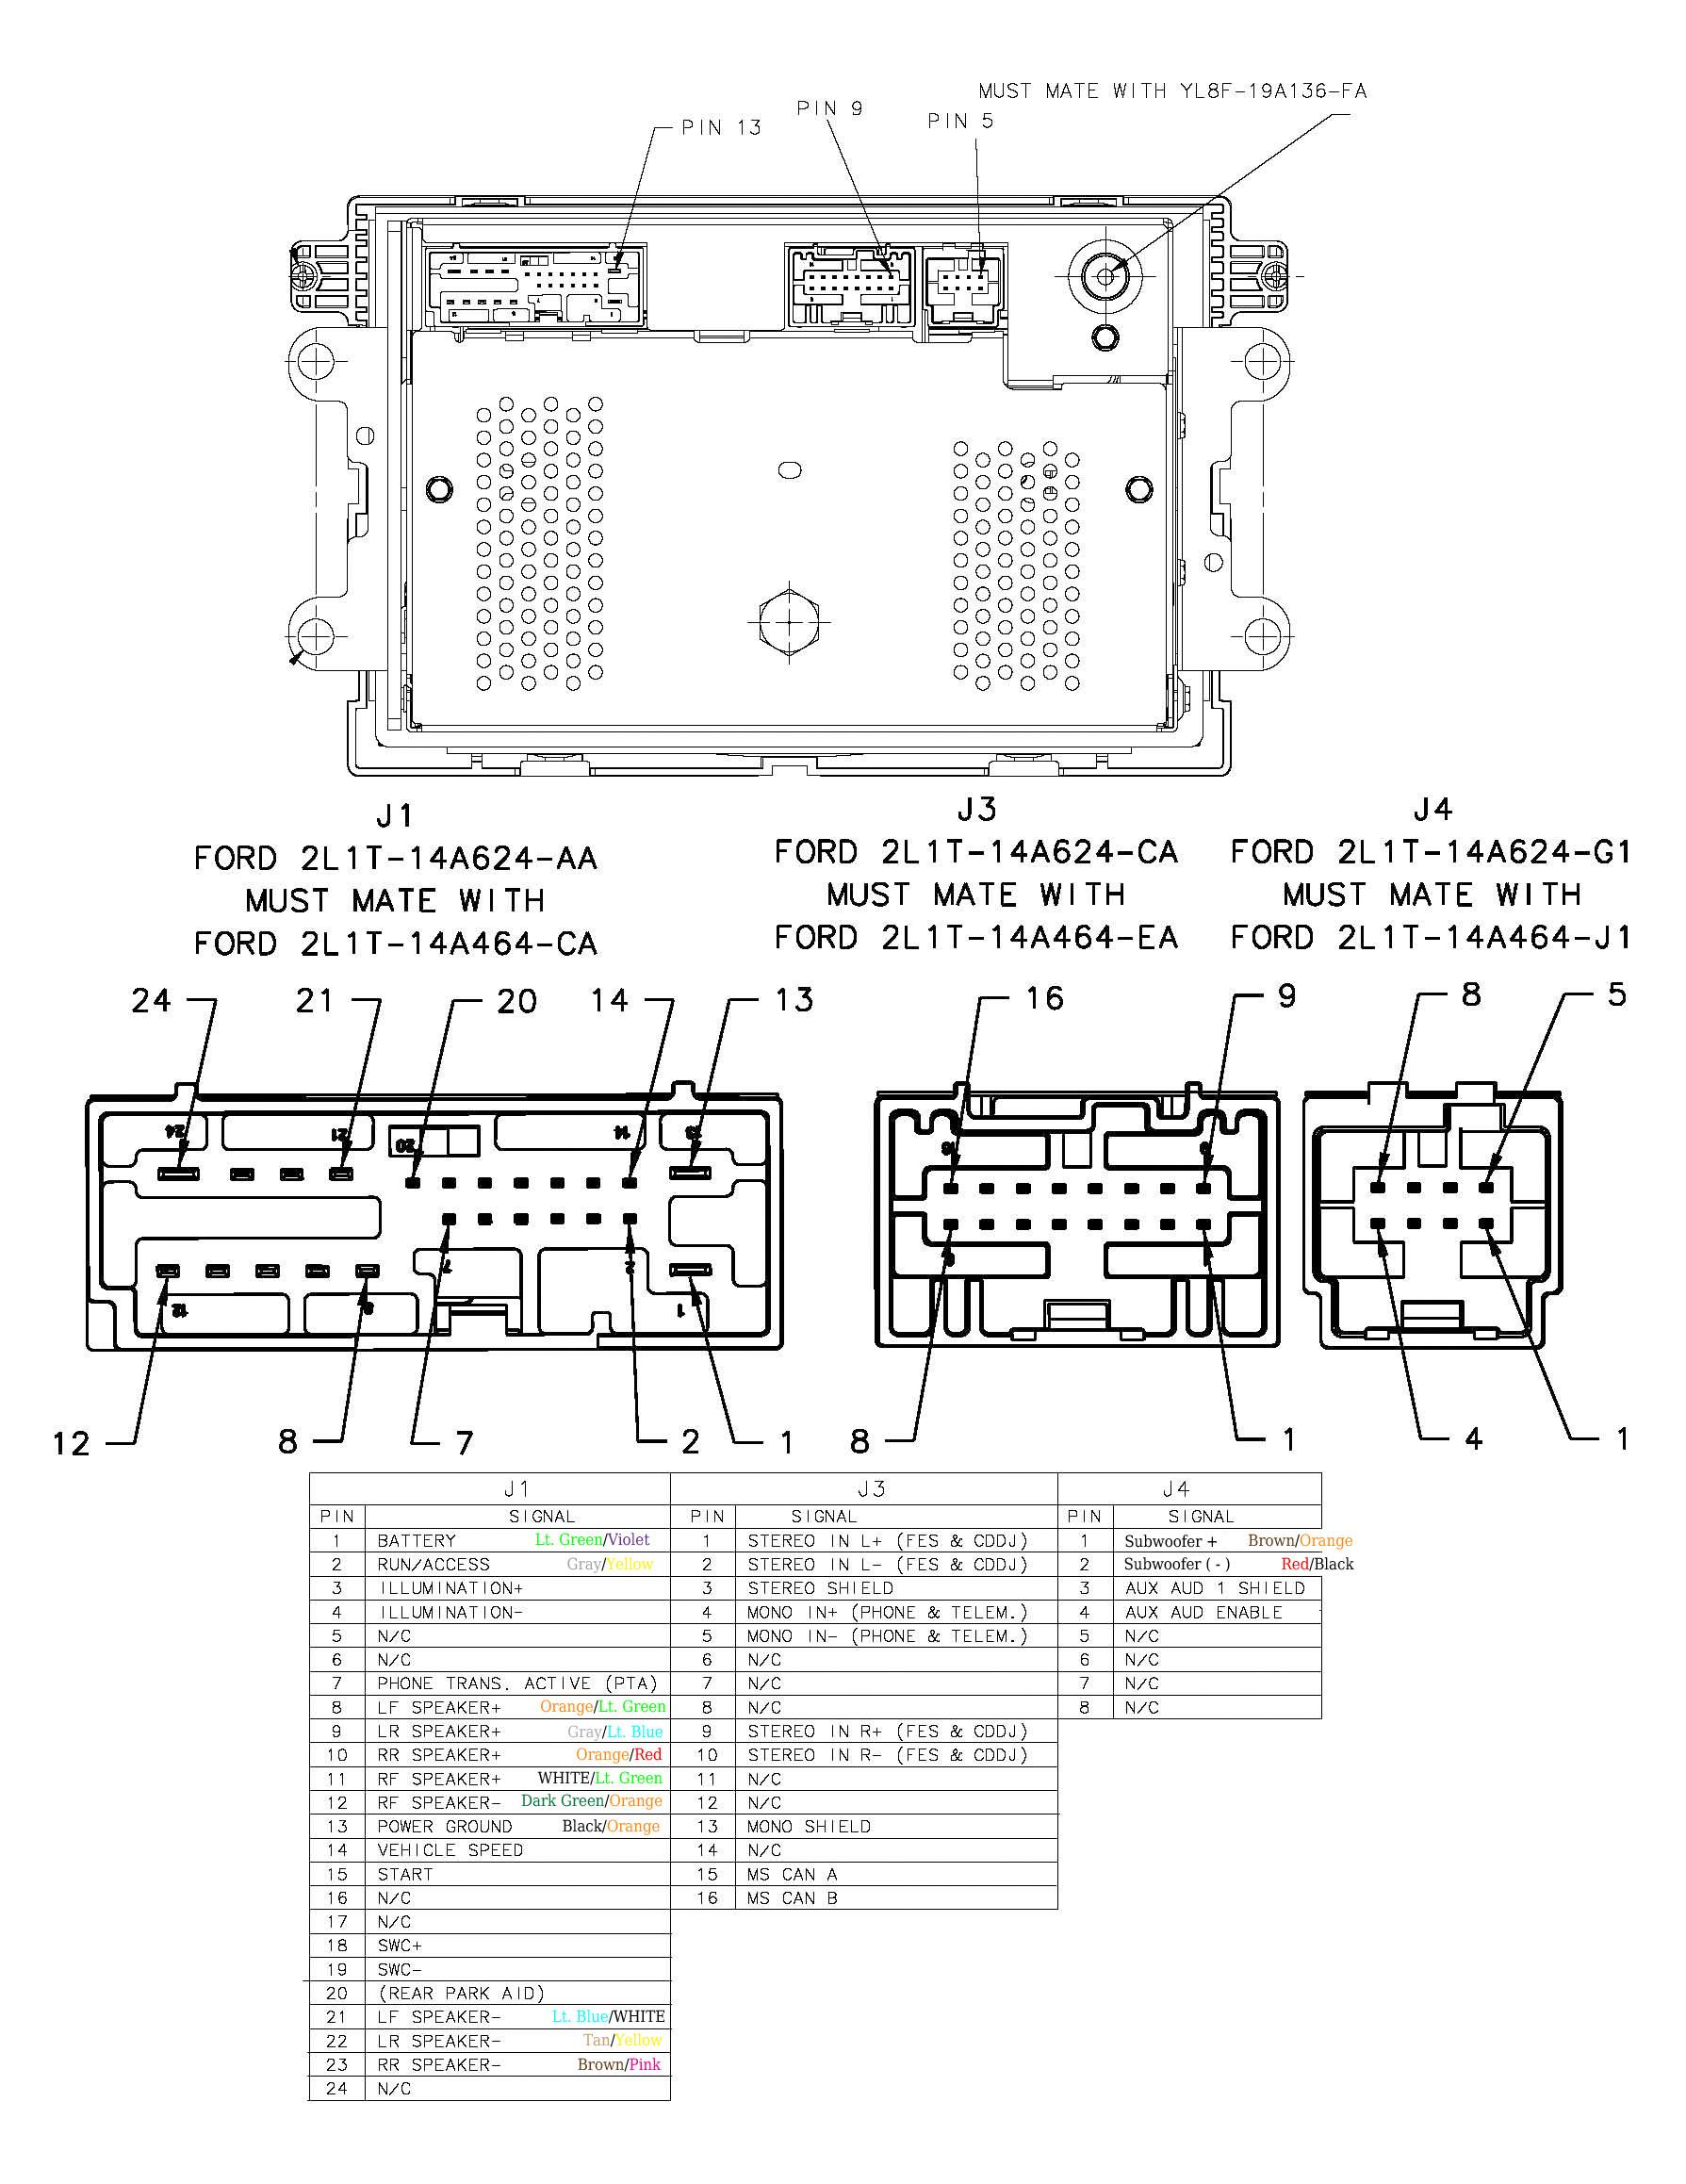 Swell 70 Volt Wiring Diagram Wiring Diagram Wiring Digital Resources Attrlexorcompassionincorg